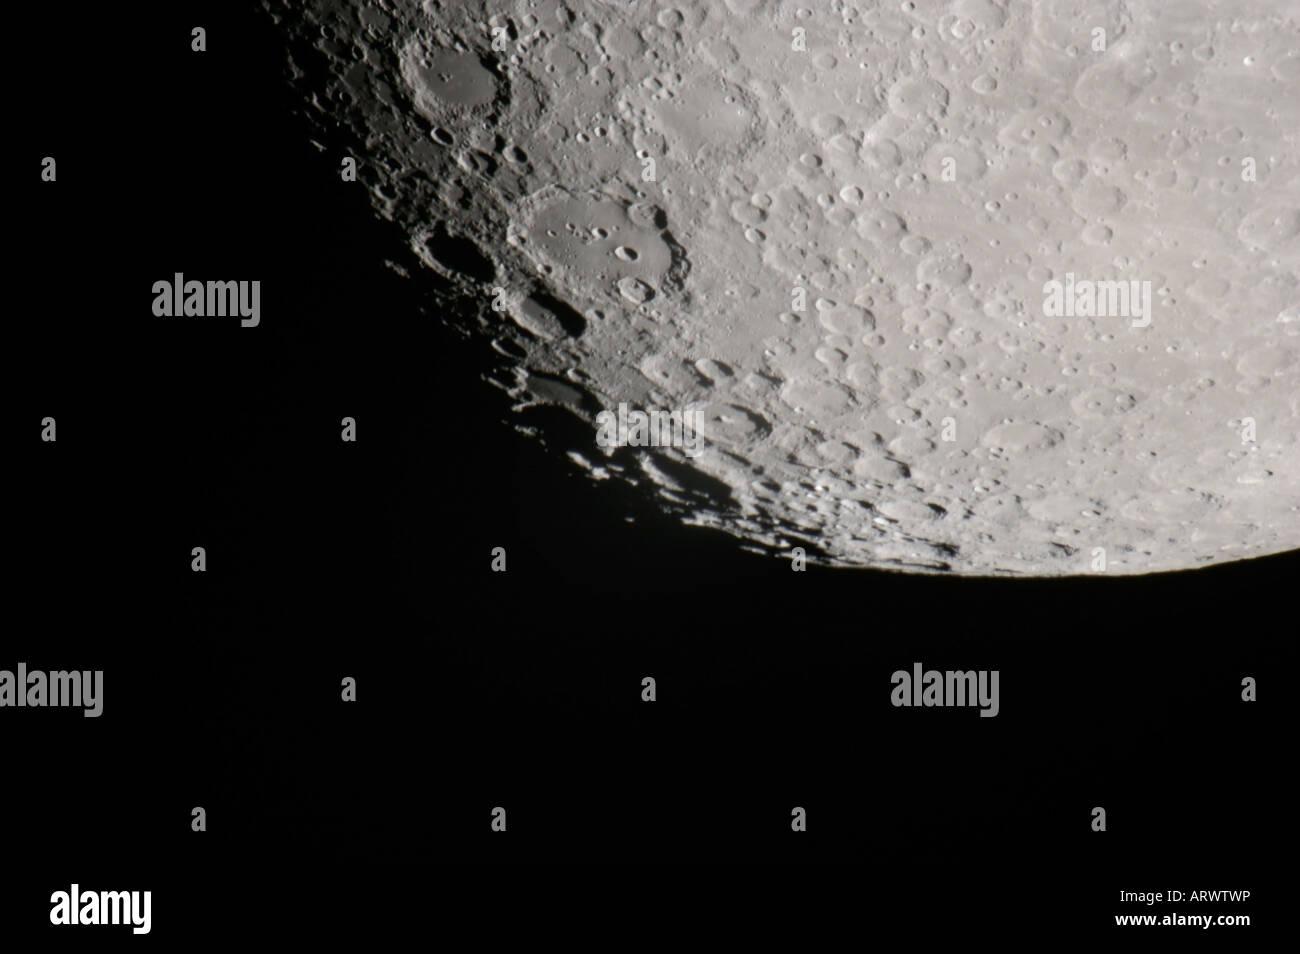 Les cratères de la surface de la lune Photo Stock